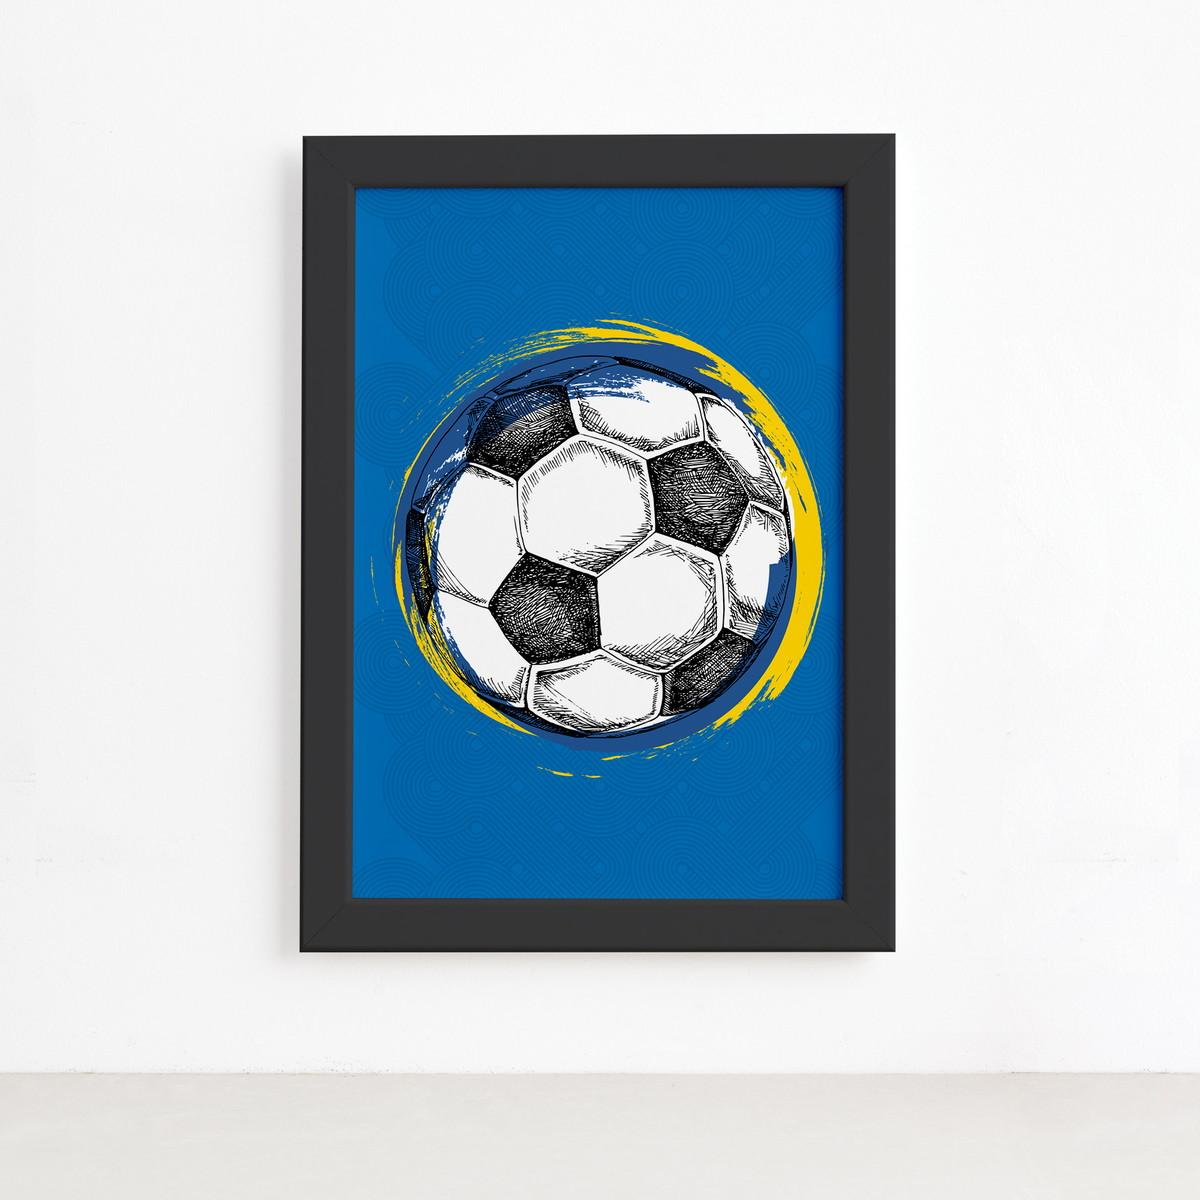 Quadro Bola de Futebol Fundo Azul 22x32 Moldura Preta no Elo7 ... c9f3d30927fea